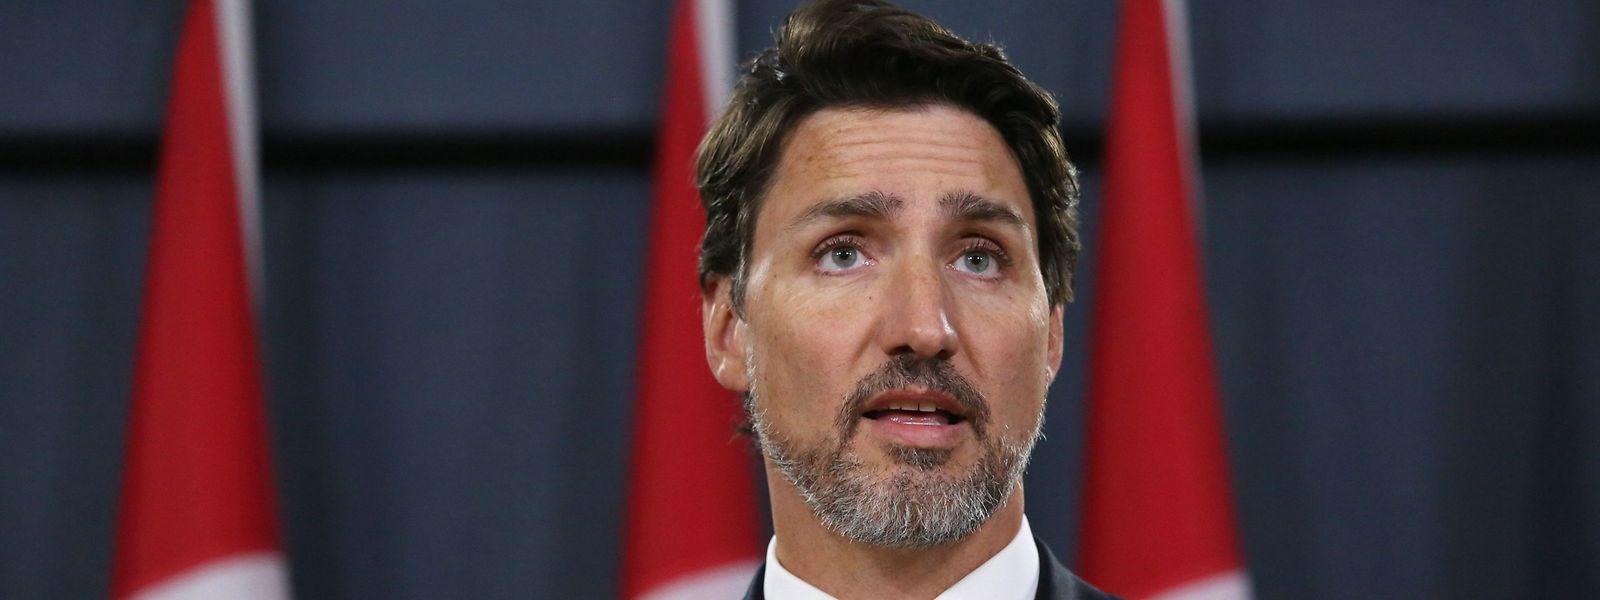 Premierminister Justin Trudeau hat Corona deutlich besser im Griff als der südliche Nachbar USA.